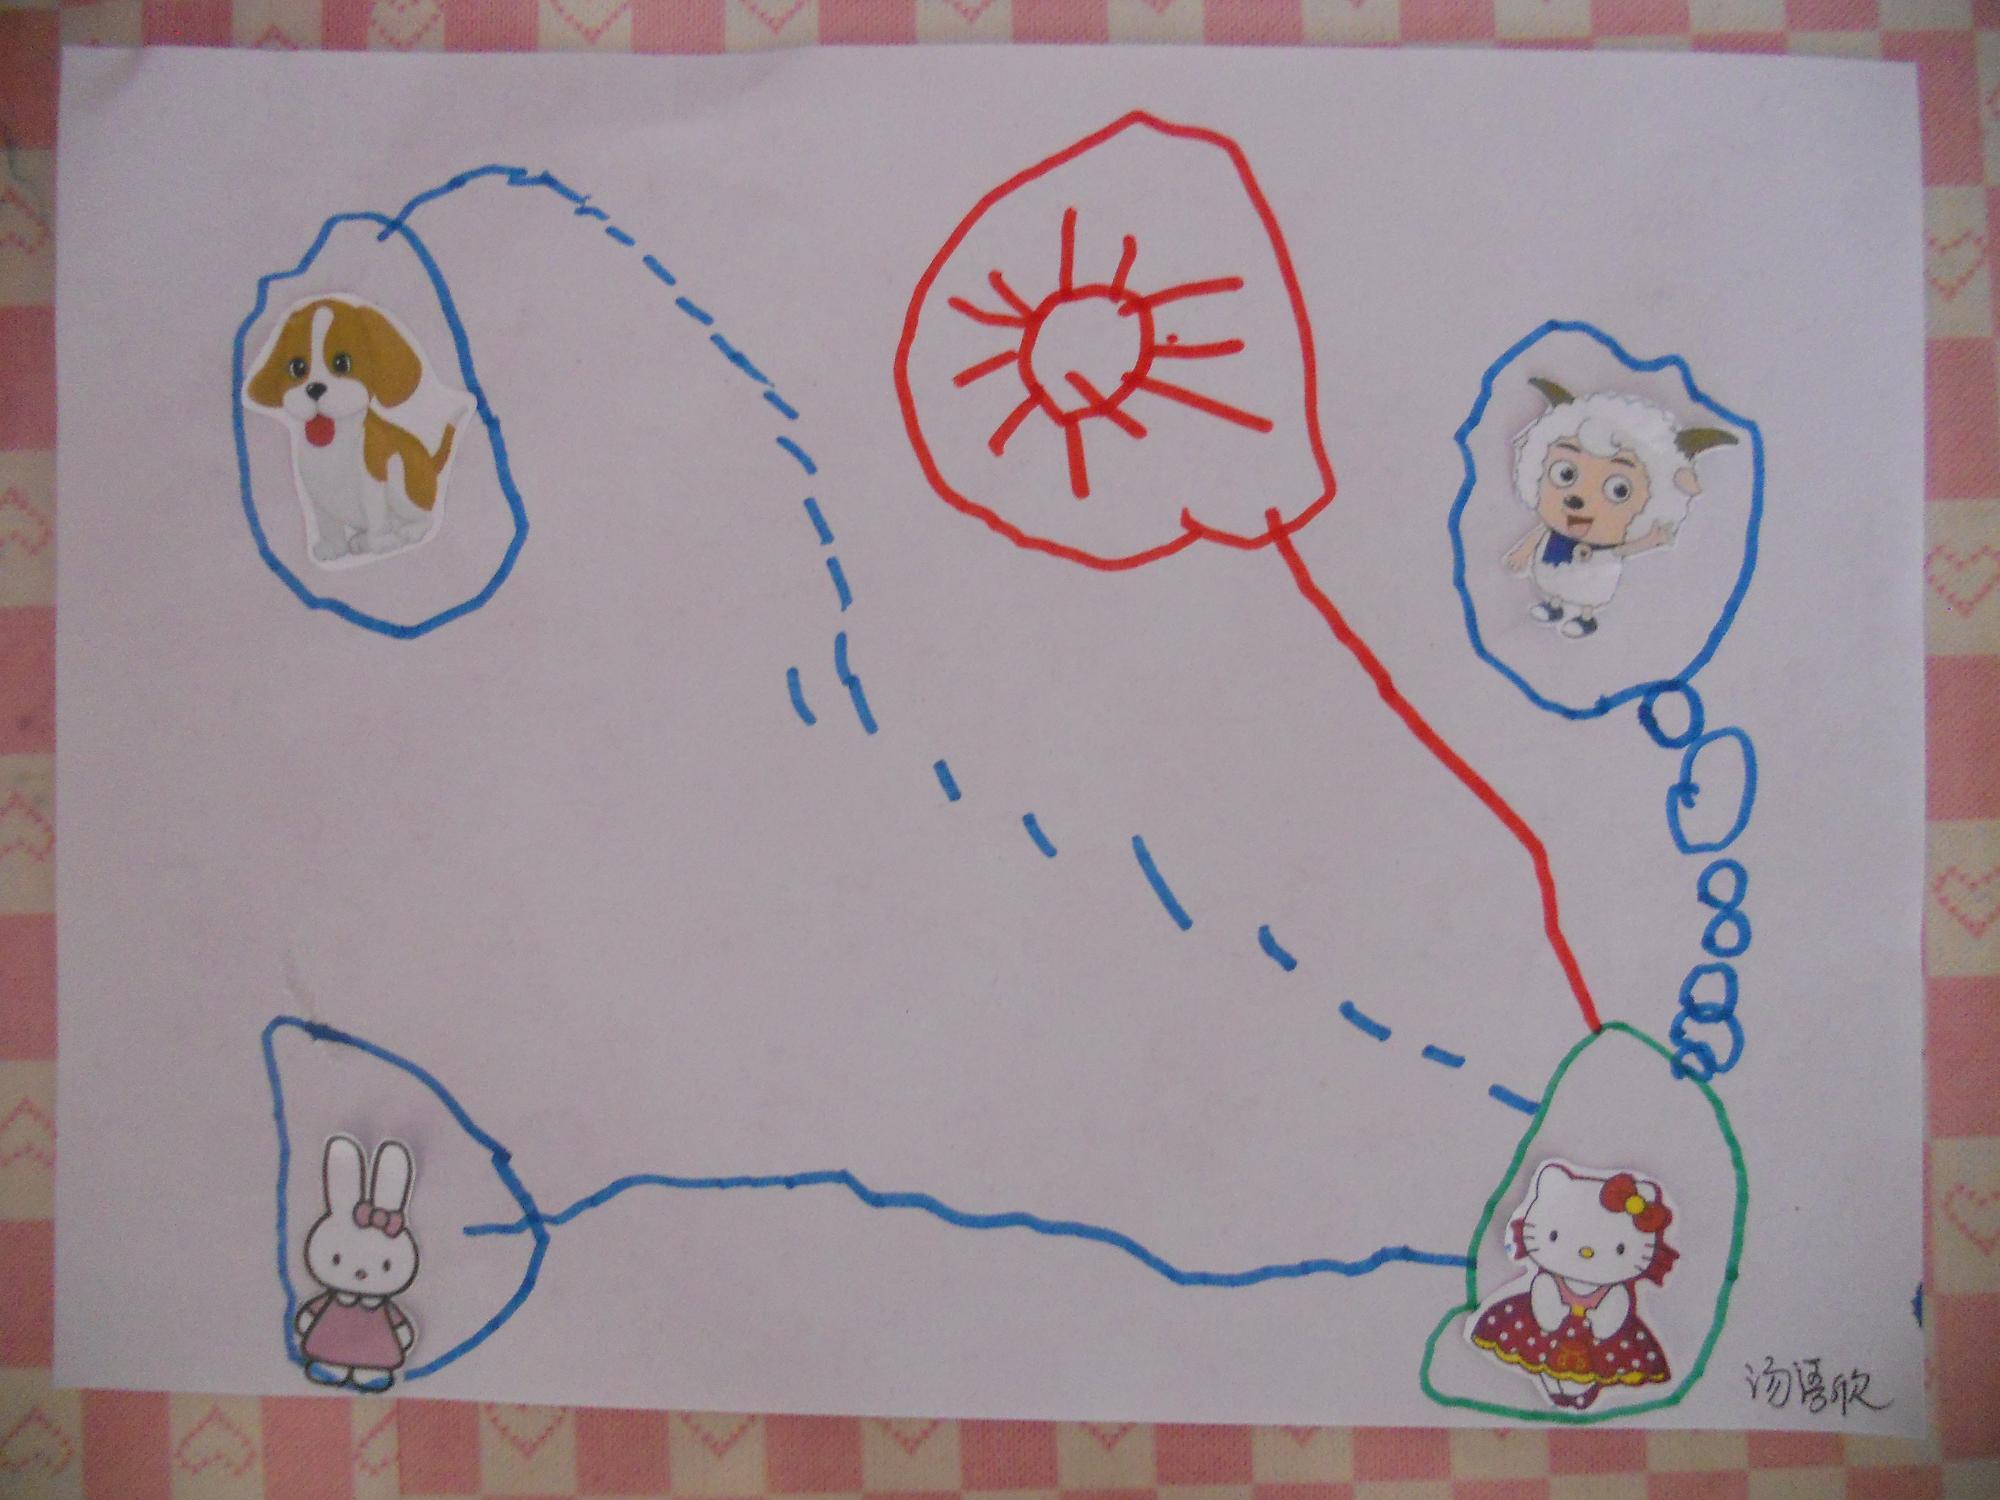 三,帮小动物家装电话,幼儿尝试用点,线,圆圈将两点连接.